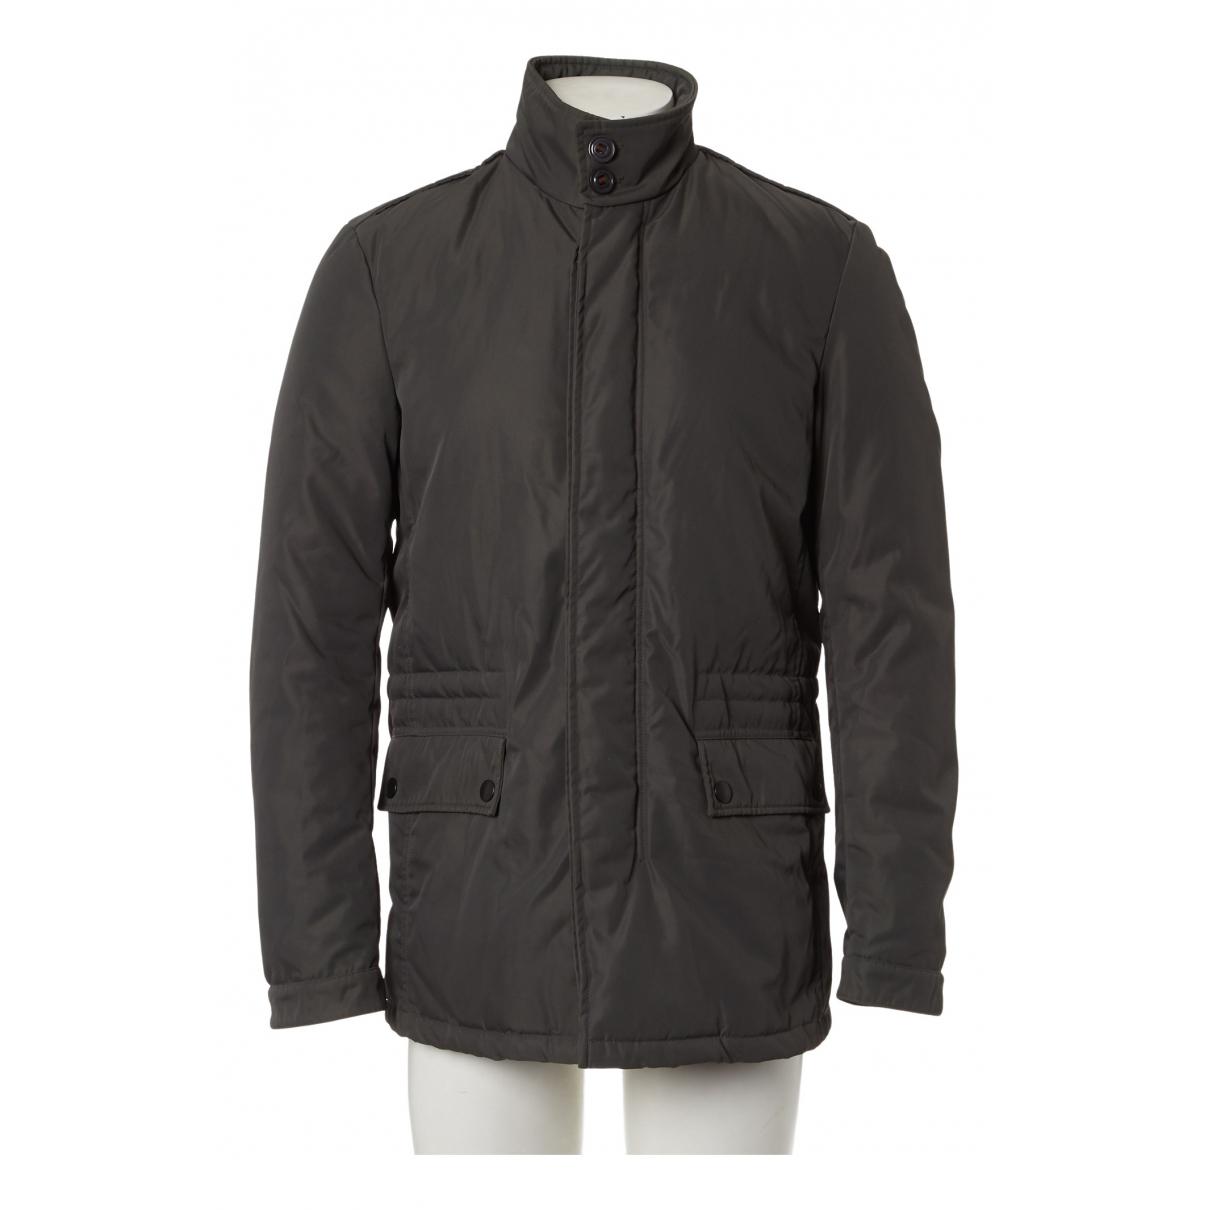 Gucci - Manteau   pour homme - gris